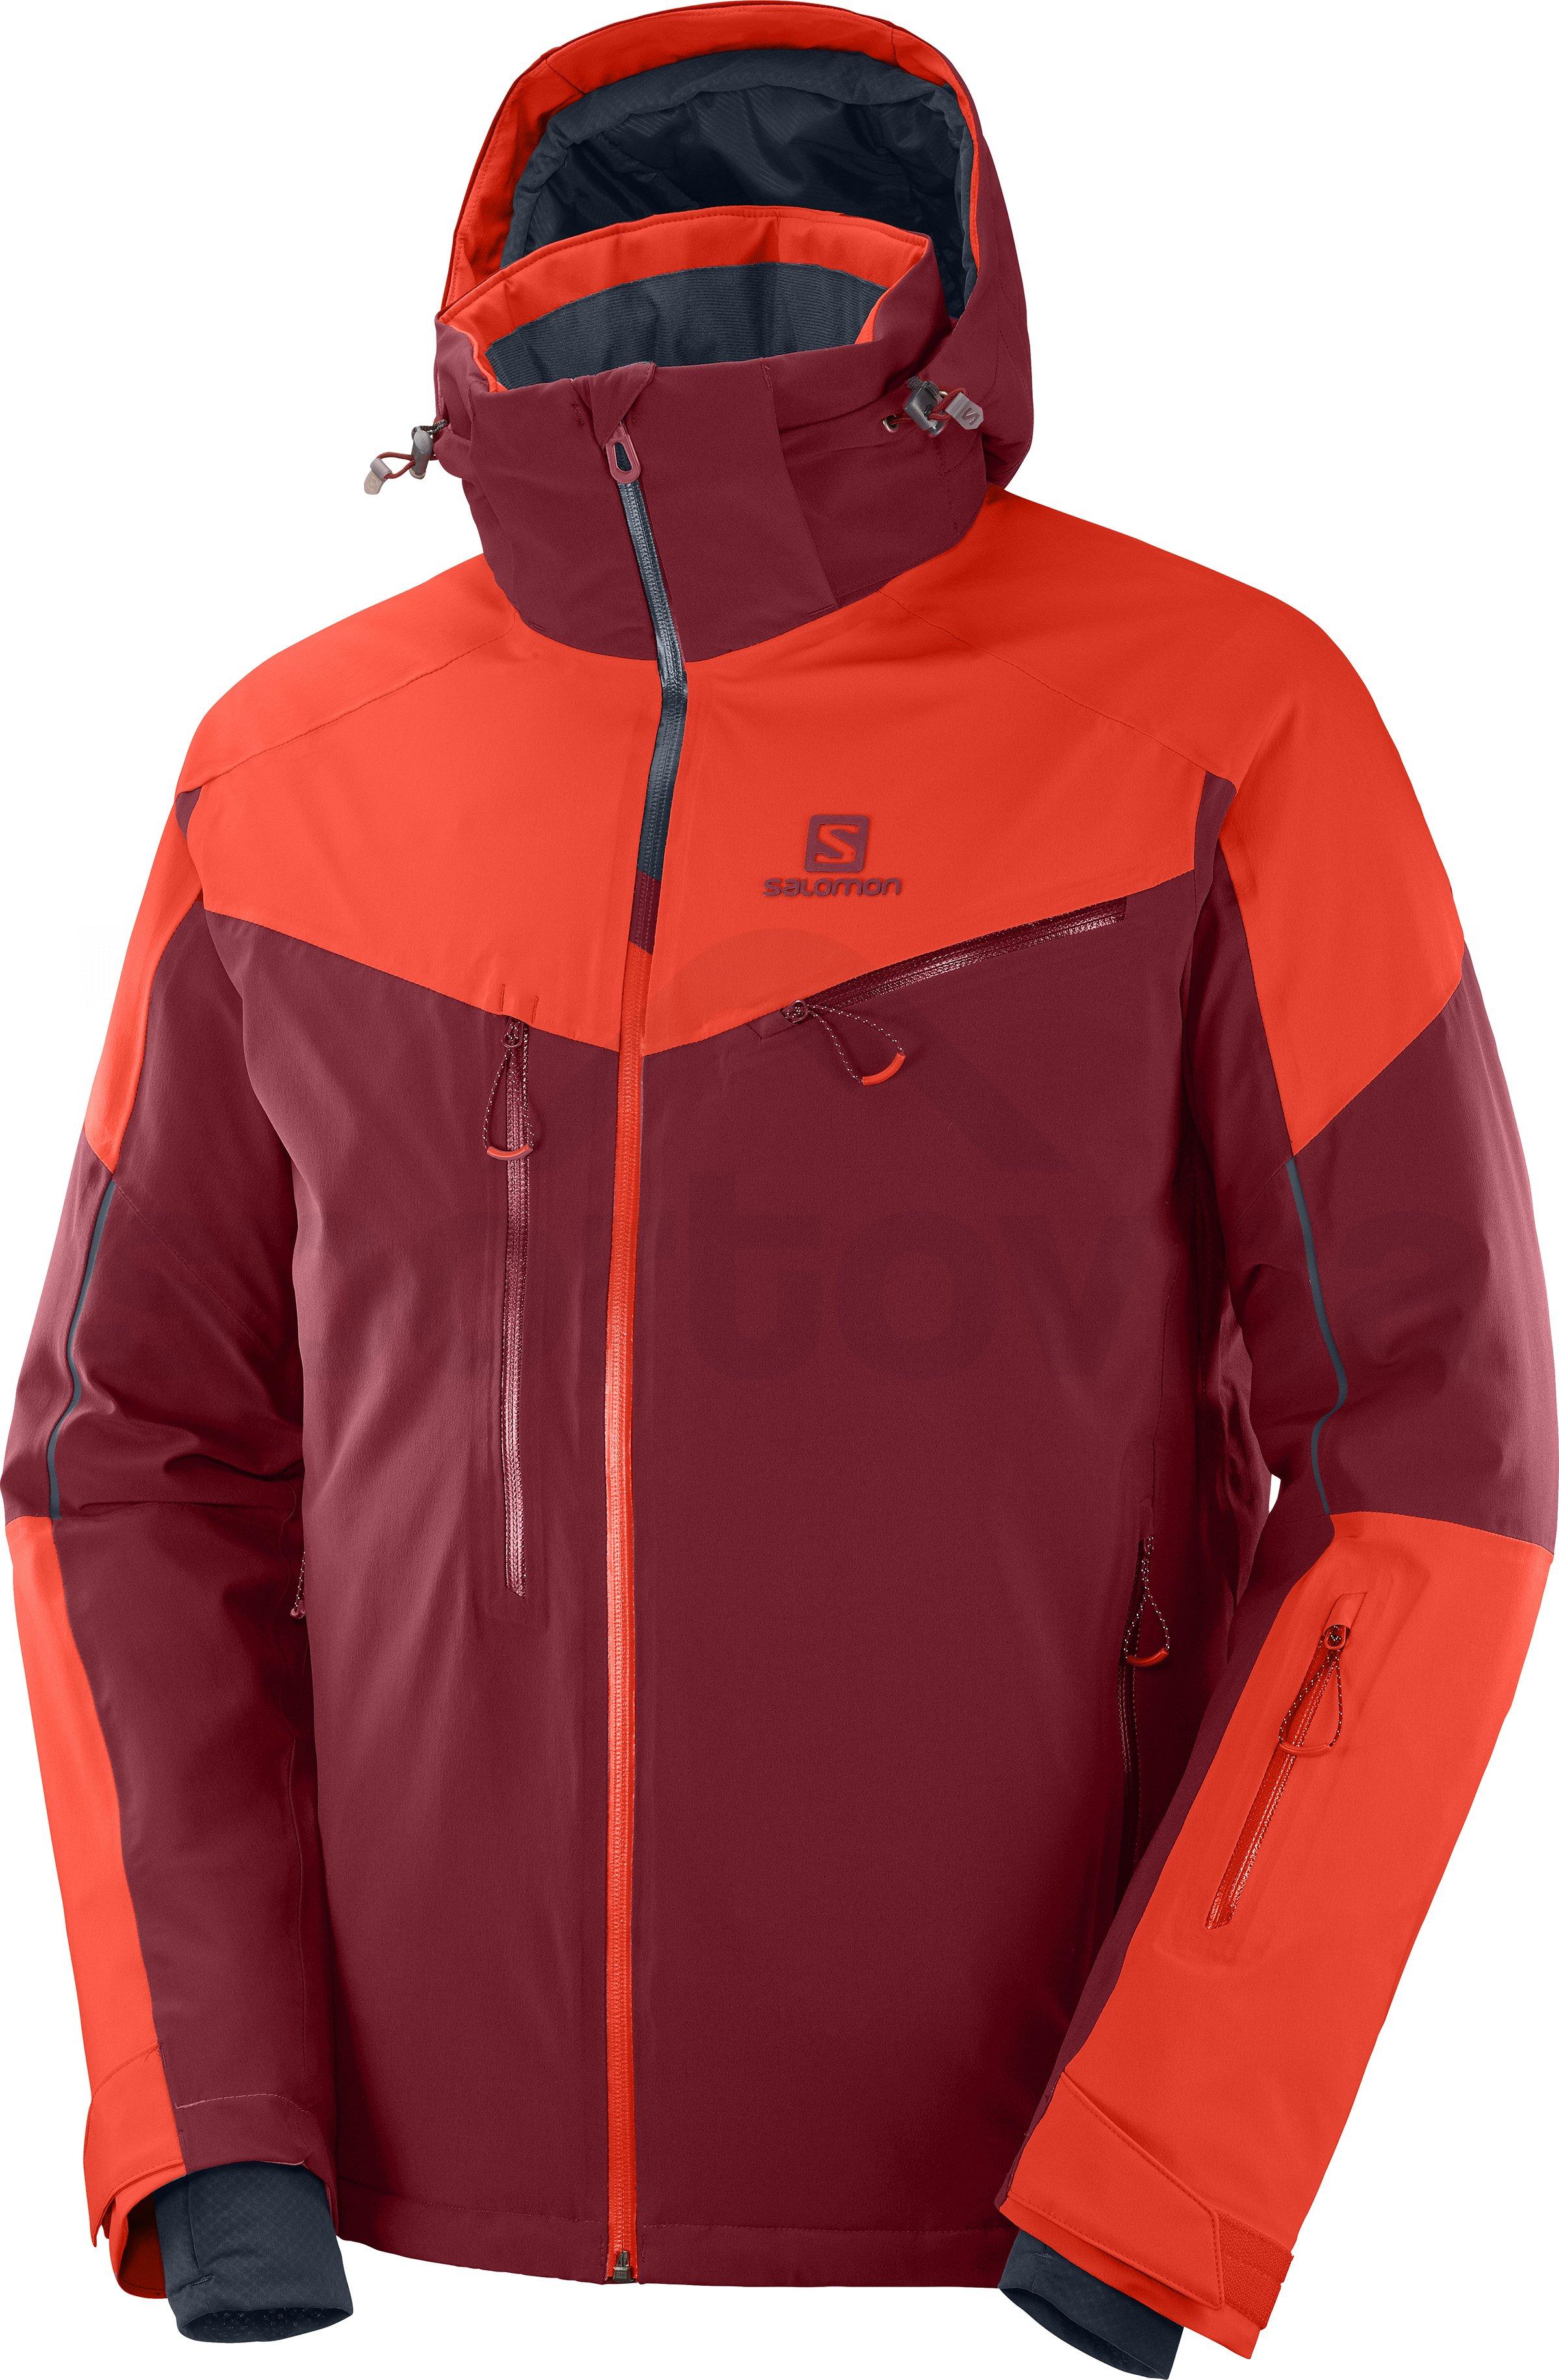 LC1222200_0_GHO_m_icespeedjkt_bikingred_skiwear